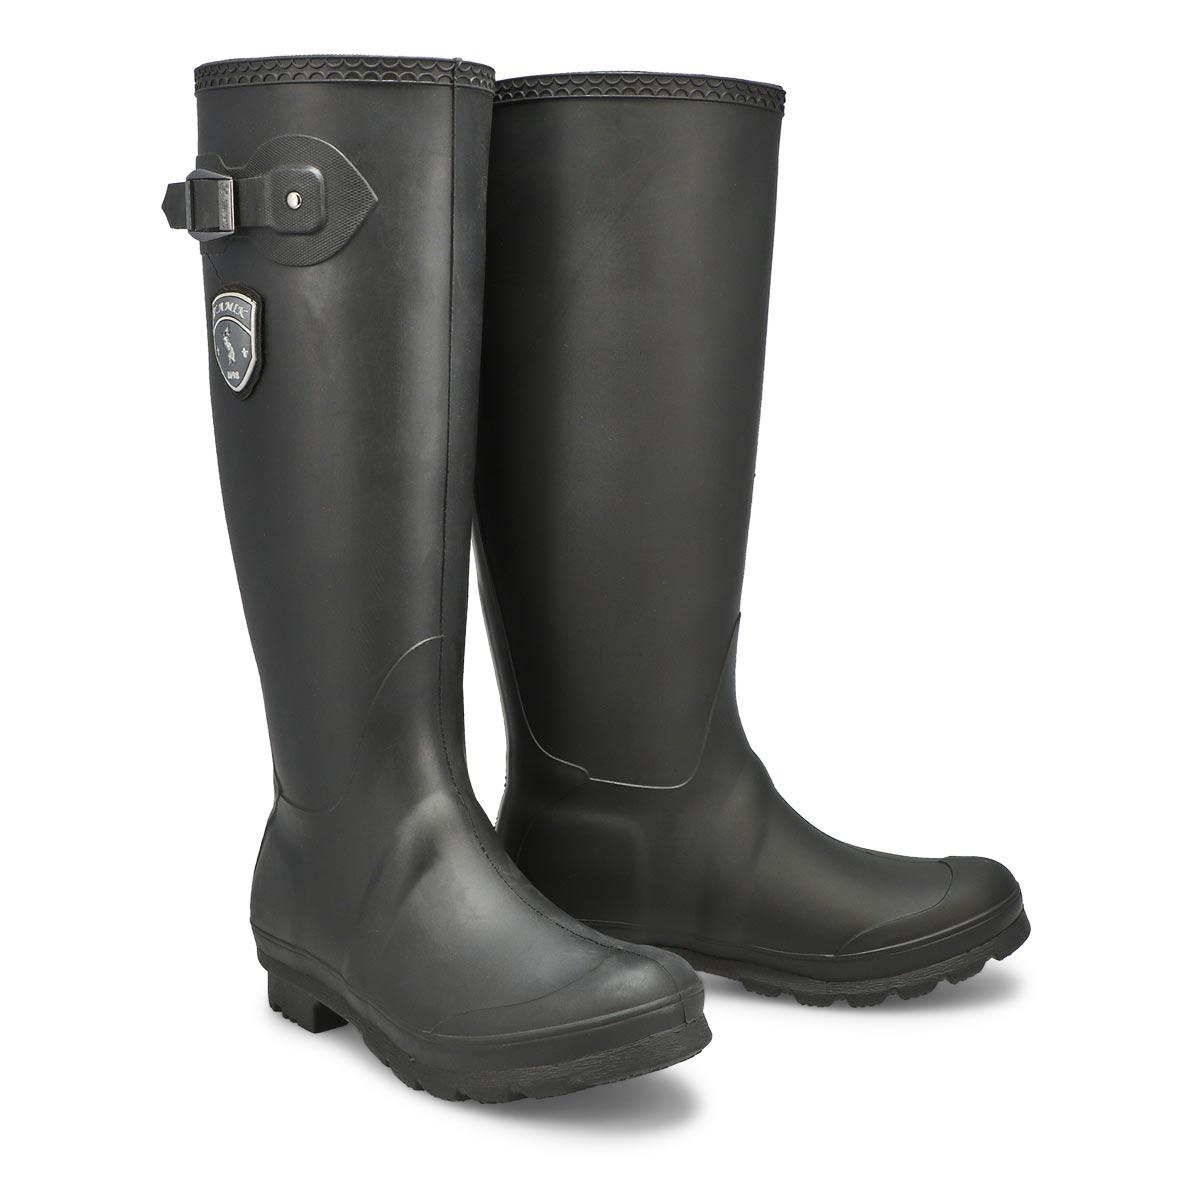 Lds Jennifer blk side buckle rain boot